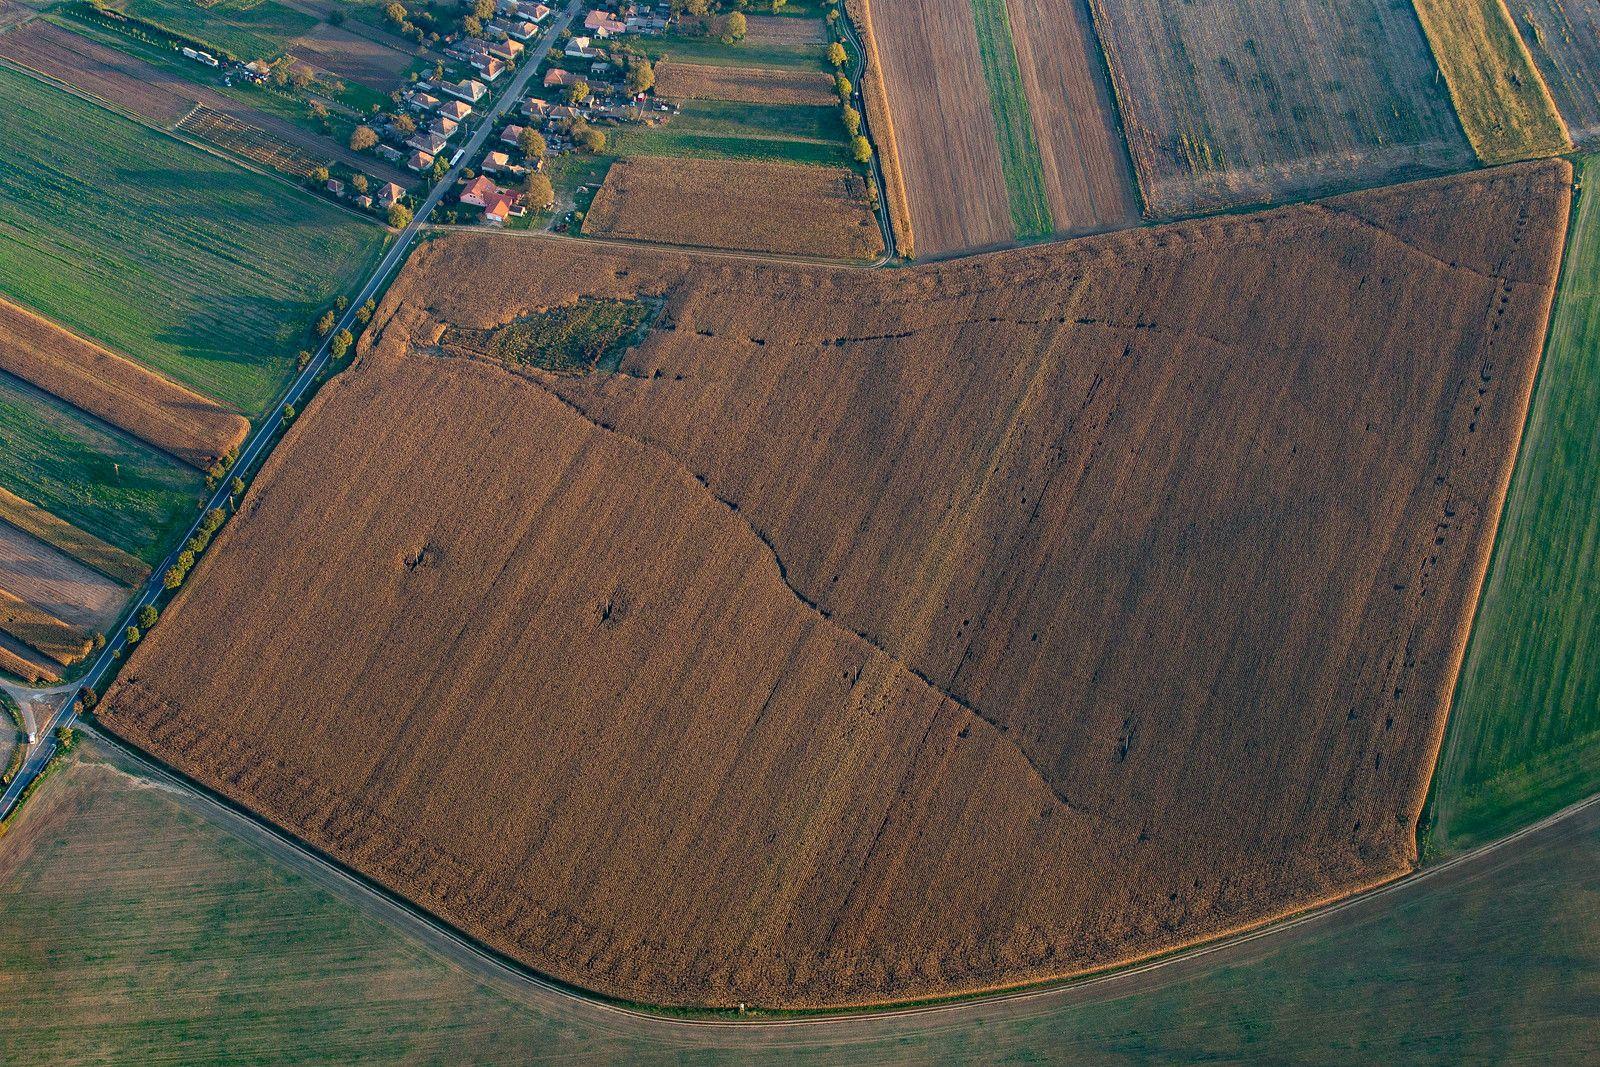 crop fields from above near Szanda